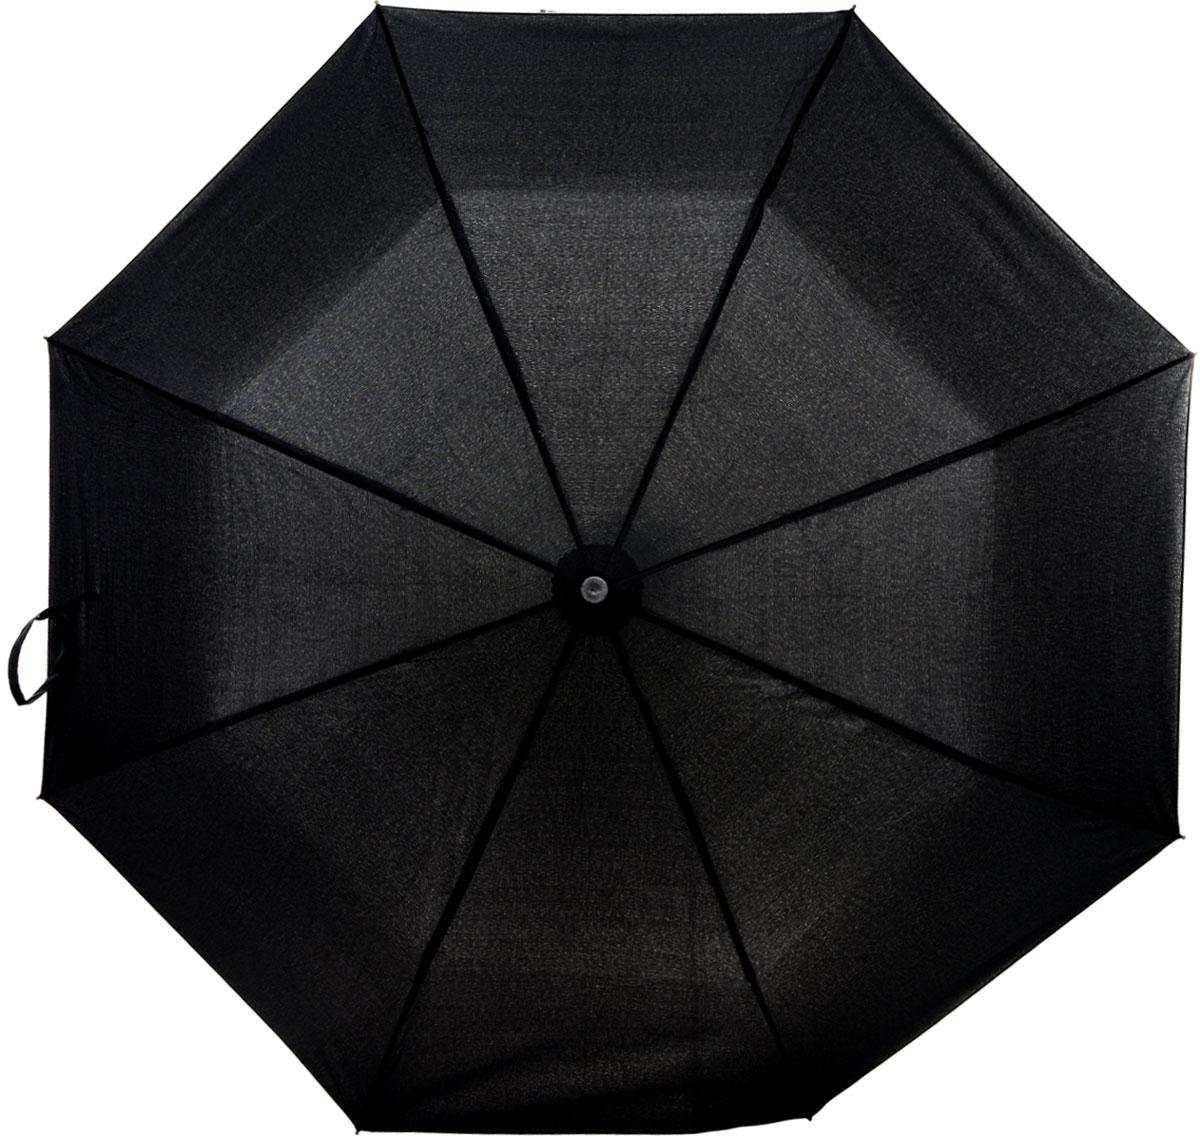 Зонт мужской Эврика, цвет: темно-серый. 9746797467Любимый зонт теперь в новом, складном формате, удобном для переноски и хранения даже в маленькой сумке. Полуавтоматический зонт тройного сложения имеет декоративную ручку, имитирующую рукоять самурайского меча. Вам будет не страшно сразиться с любым ненастьем! Качественный материал купола с водоотталкивающей пропиткой спасёт от ливня, а крепкие спицы не поддадутся упрямому ветру.